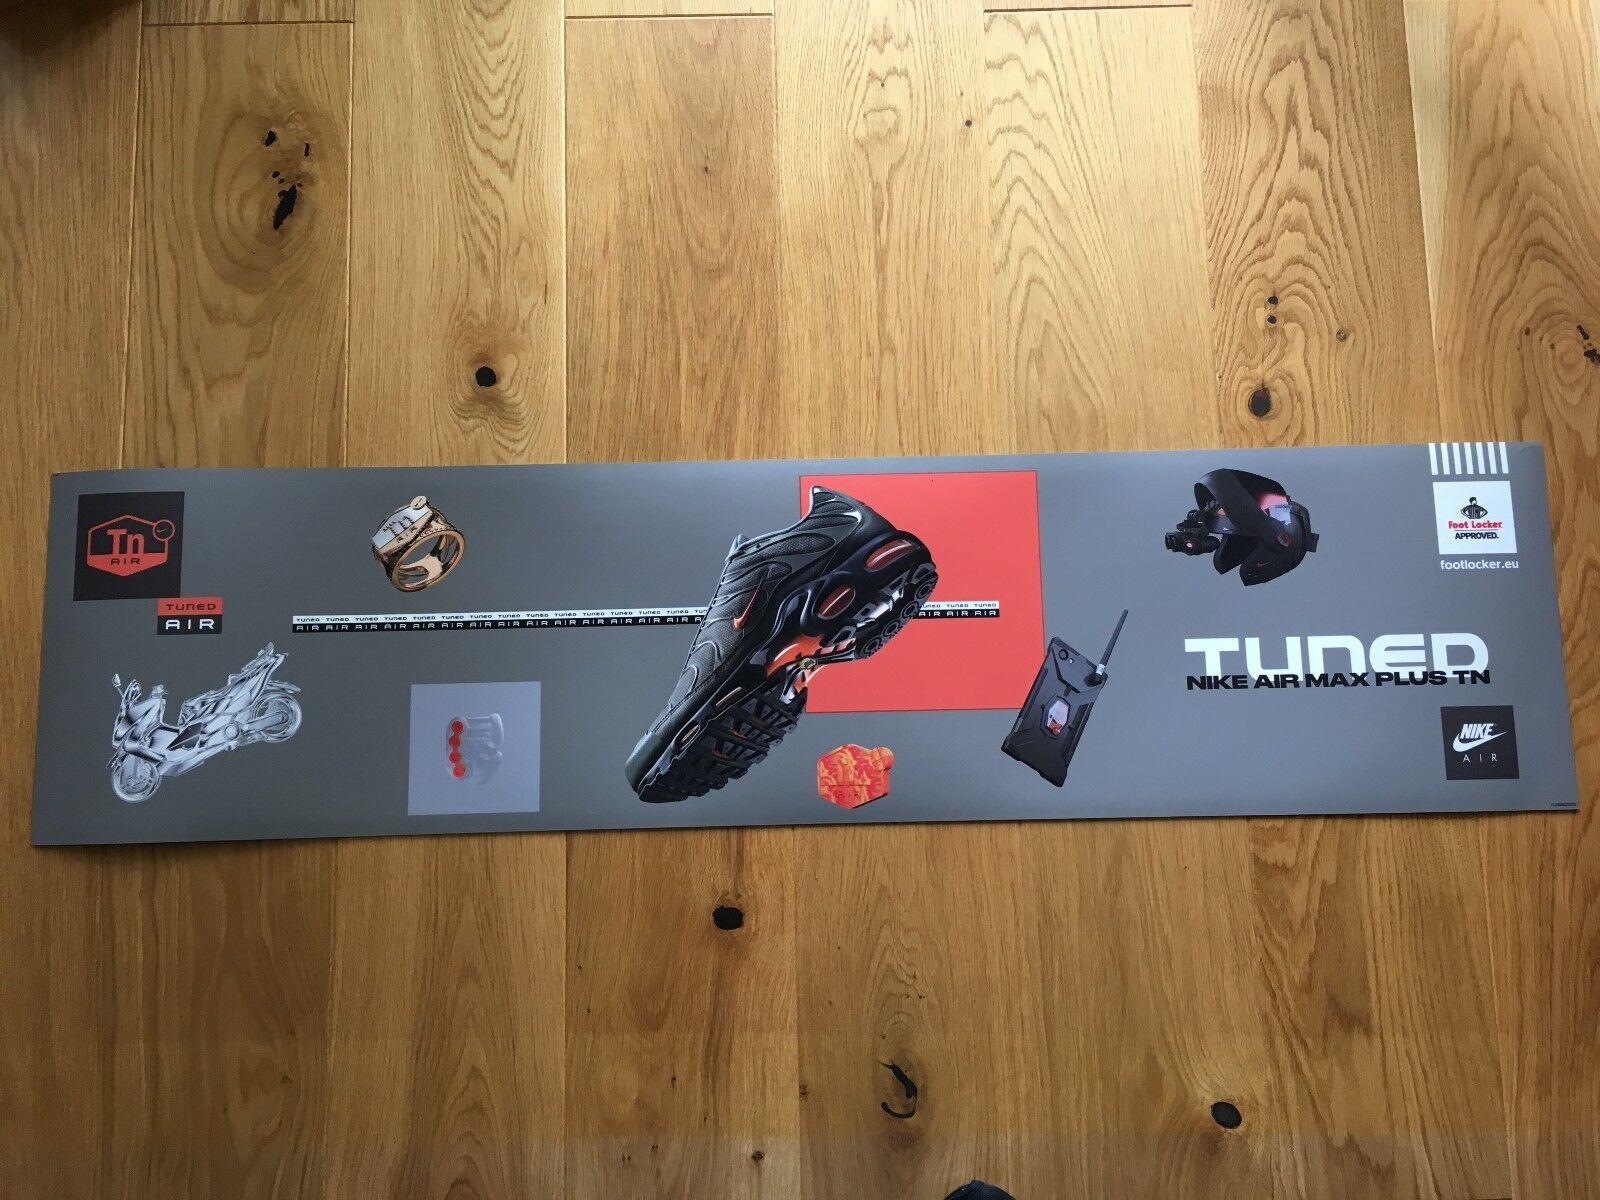 Nike Air Max Plus 122x30 Tn Tuned 1 Haifisch 122x30 Plus cm Banner Werbe Plakat Promo bd1713